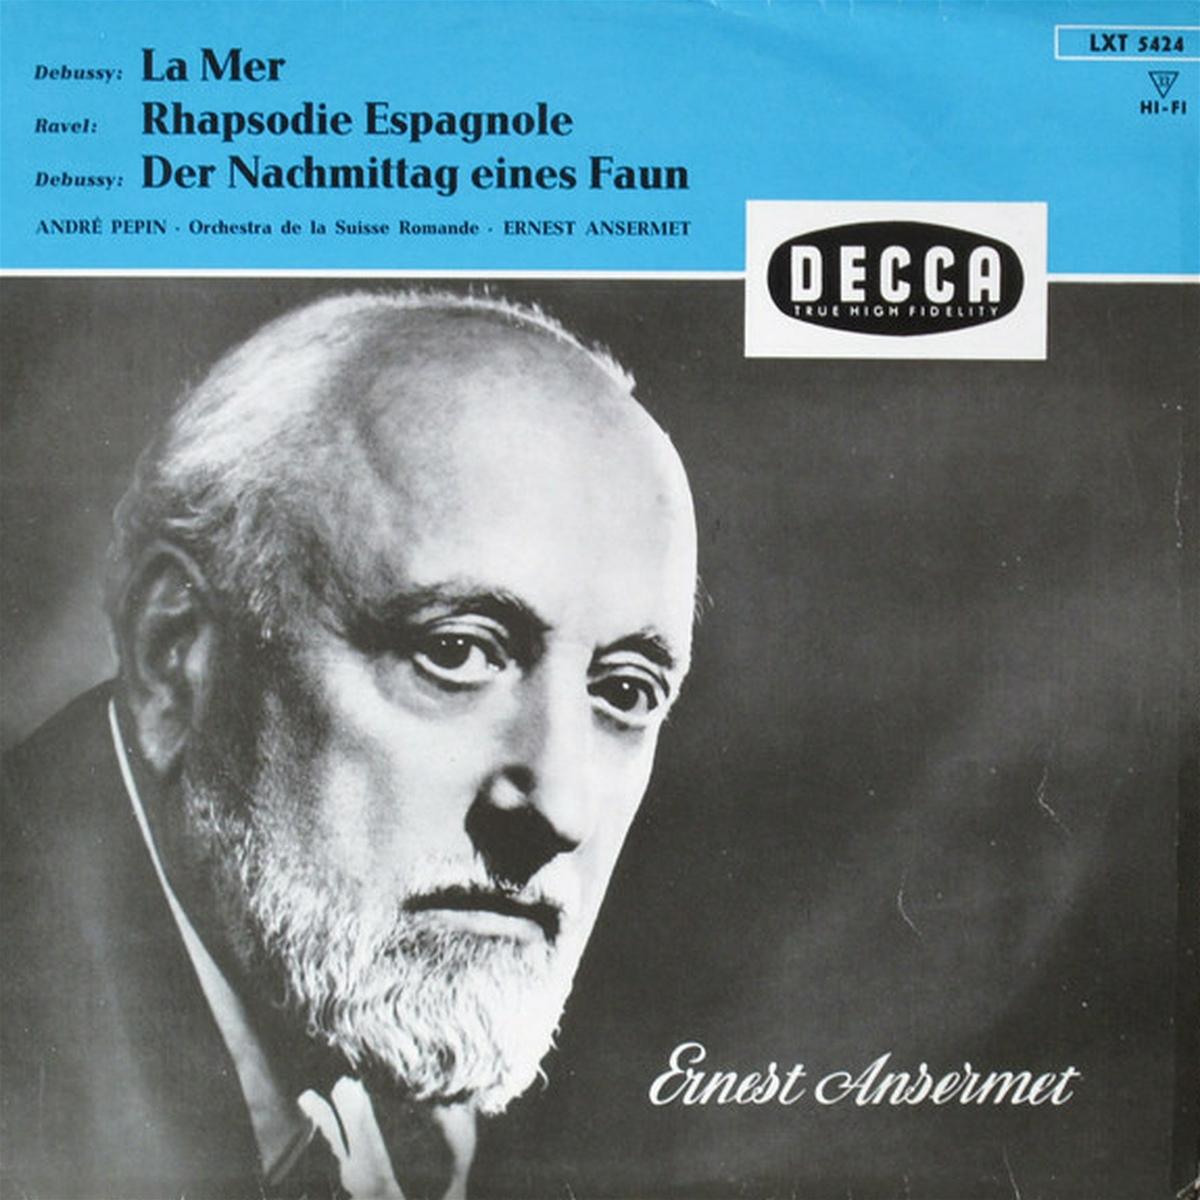 Recto de la pochette du disque Decca LXT 5424, cliquer pour plus d'infos